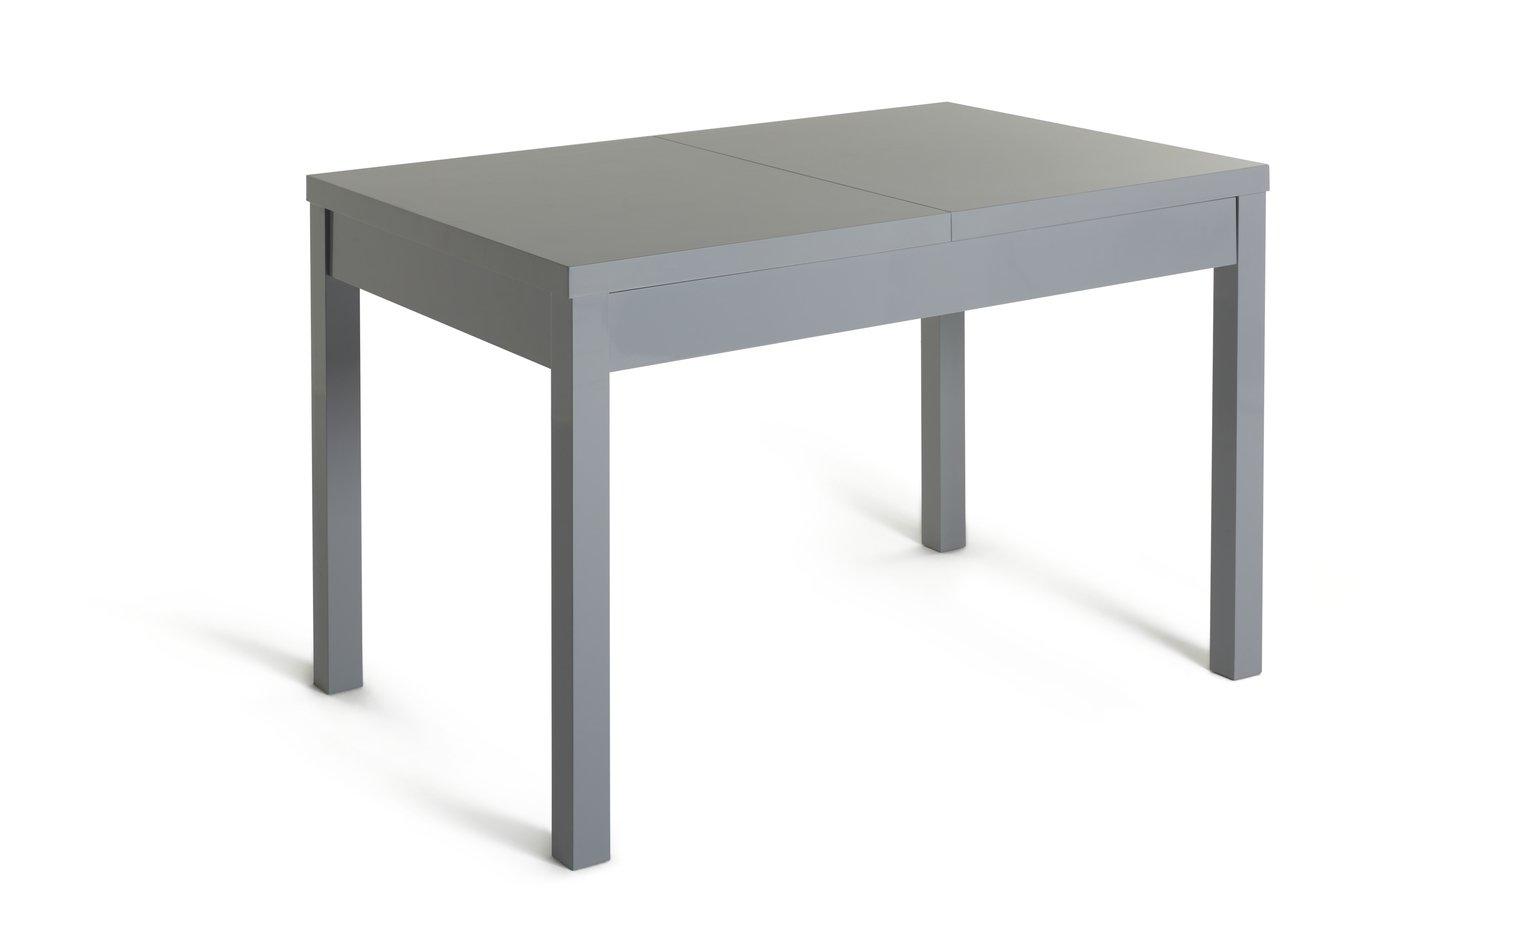 Habitat Lyssa Extending 6-8 Seater Dining Table - Grey